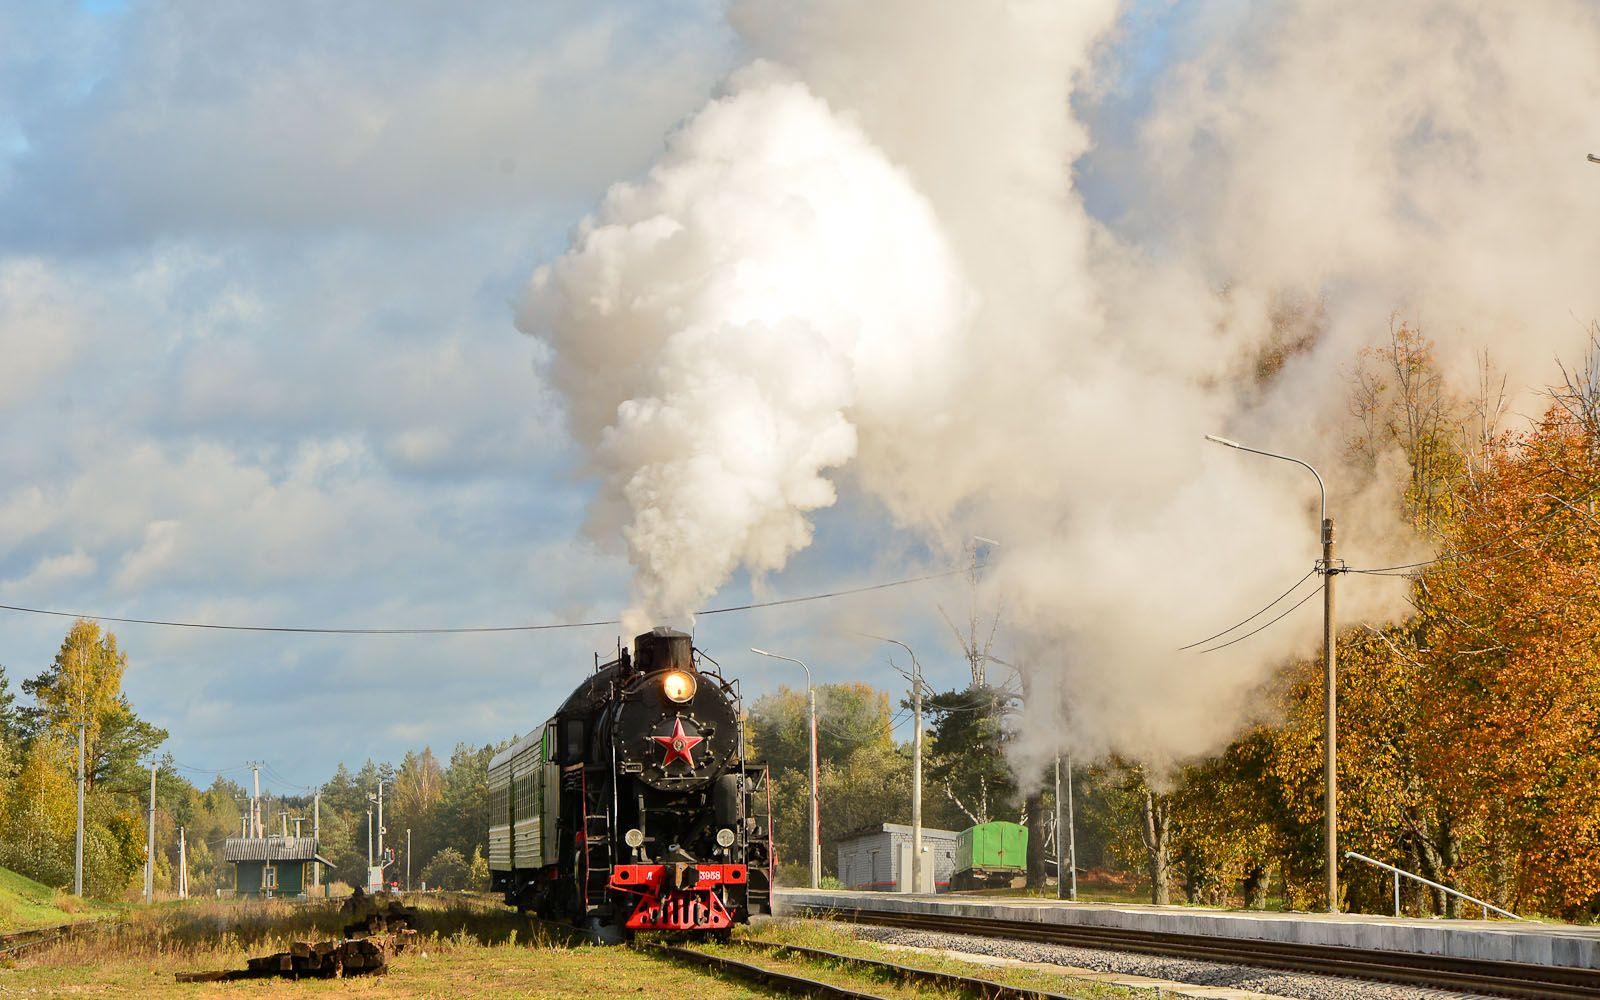 ©Foto: Steffen Mann | Historische Dampflok L-3958 ist Baujahr 1955 und stammt aus der Lokfabrik Woroschilowgrad